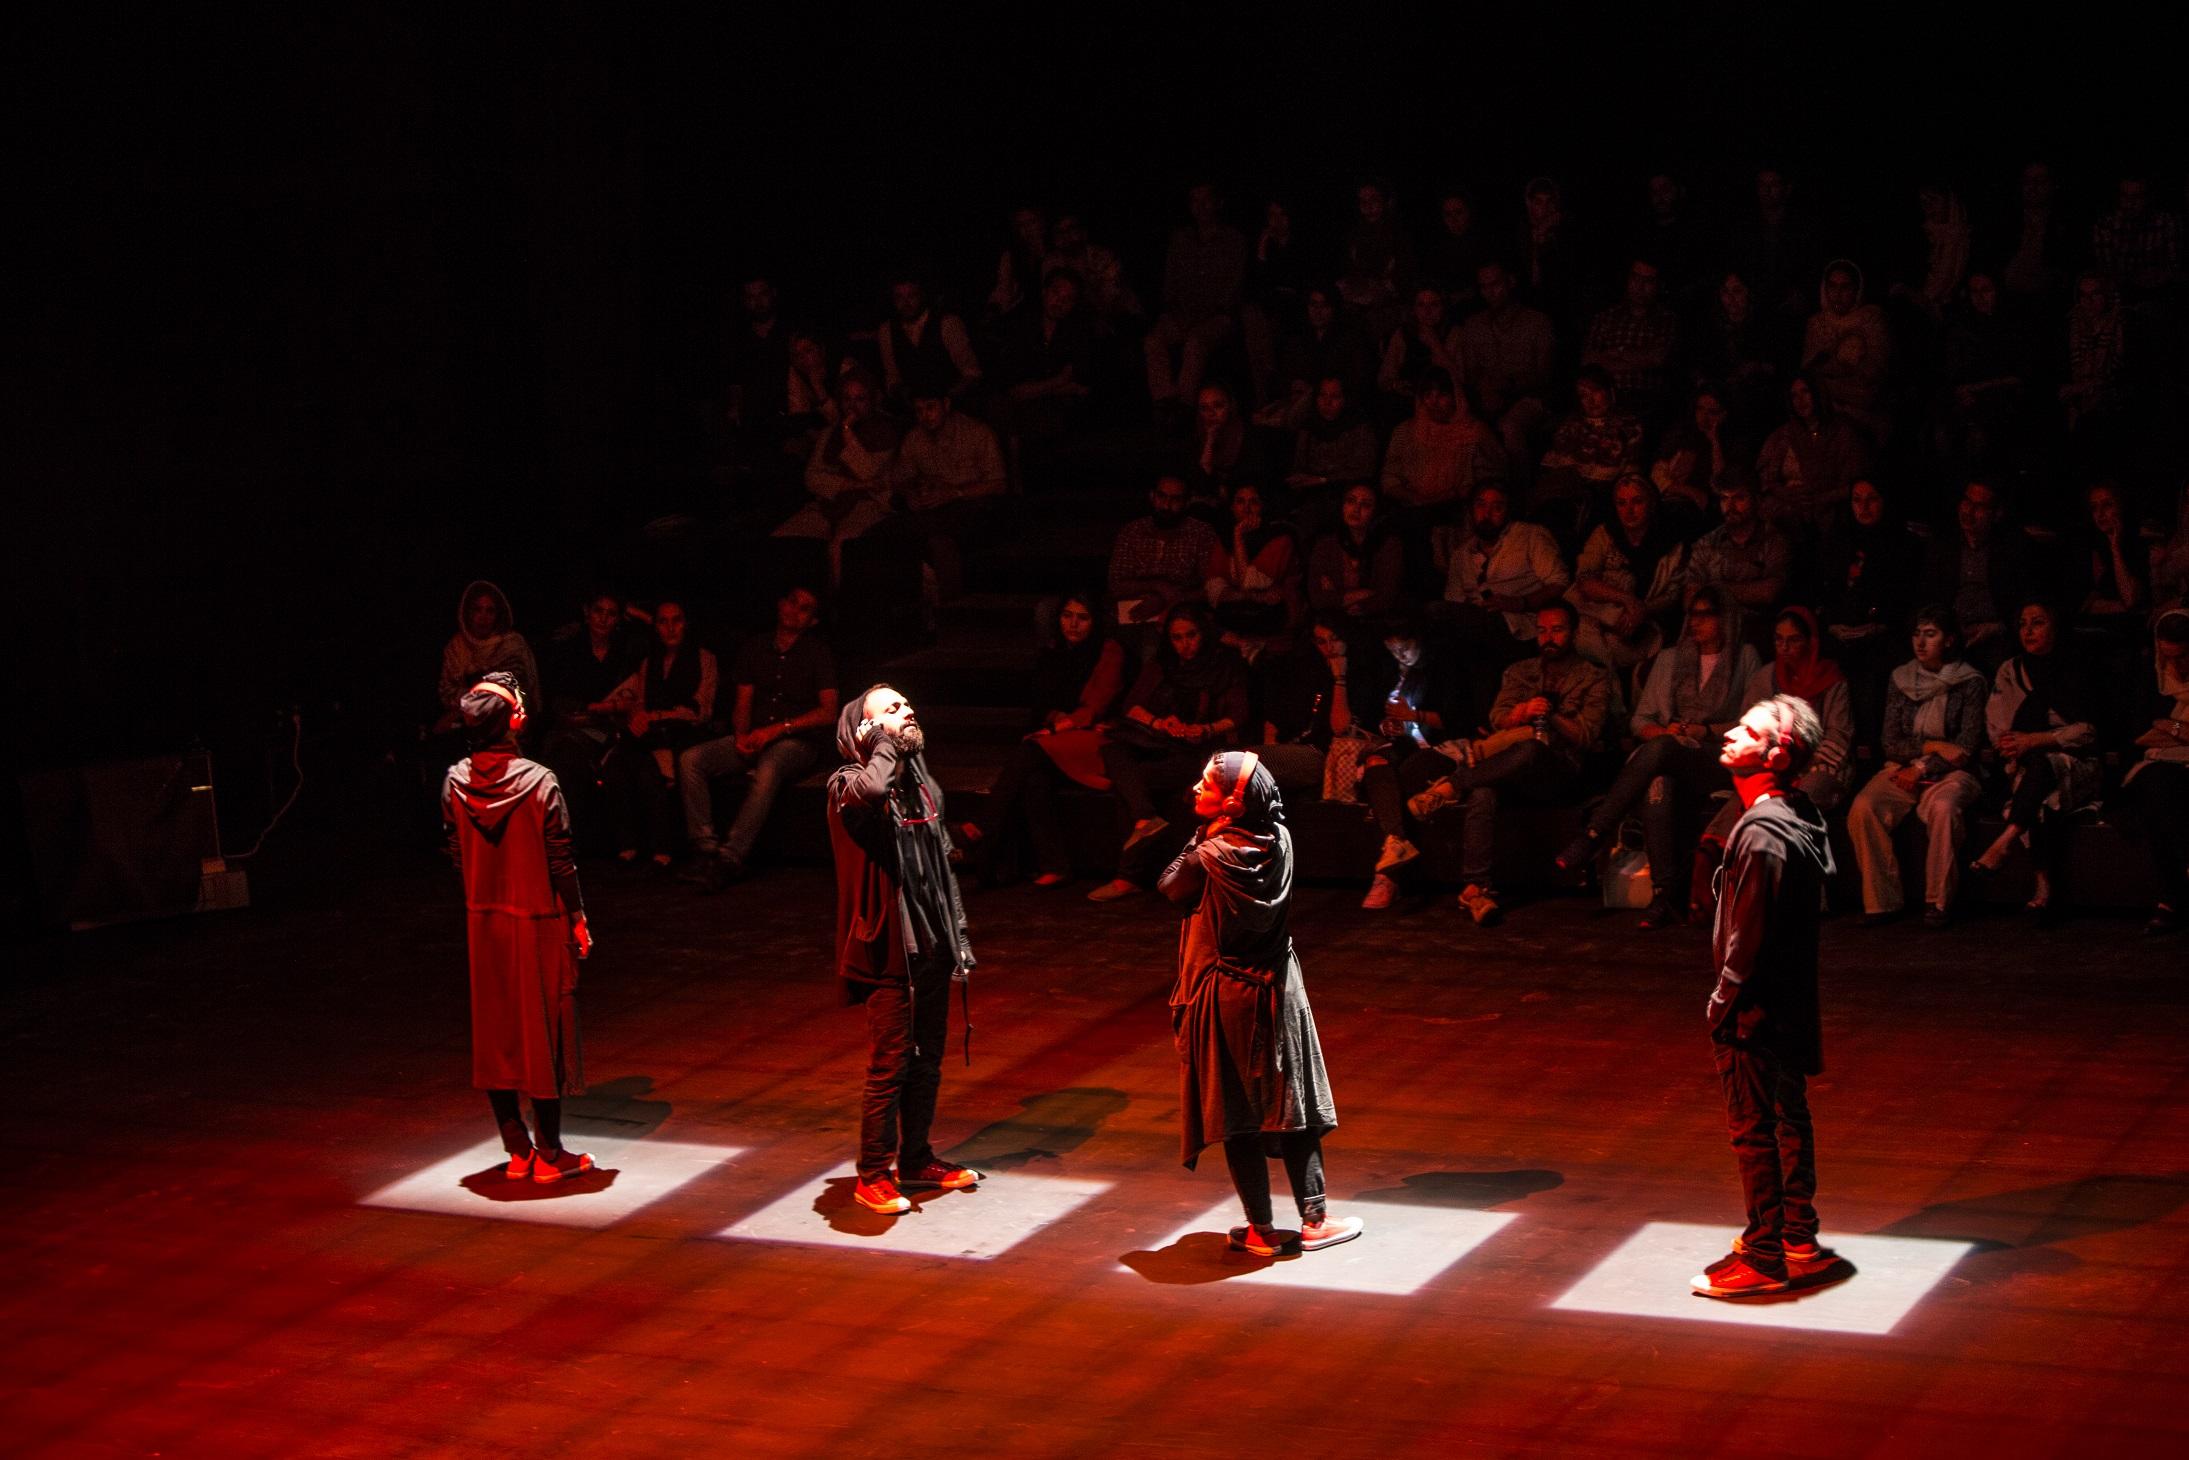 Αφσανέχ Μαχιάν – Shieveh Theatre Company Από το υπόγειο στην ταράτσα της Μαχίν Σαντρί